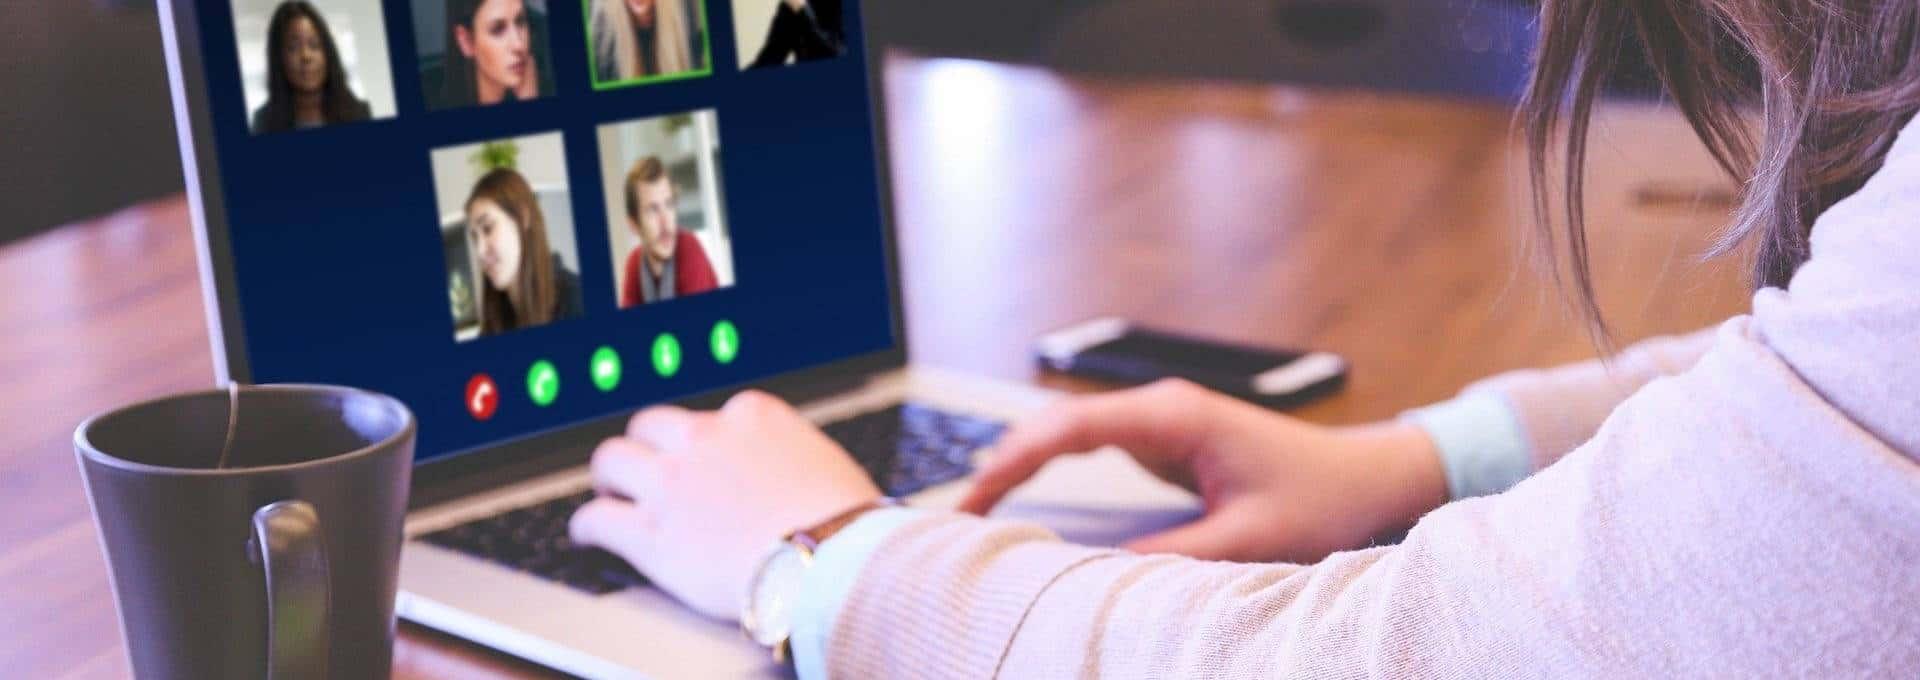 überraschend virtuell - die Tablet Days 2020